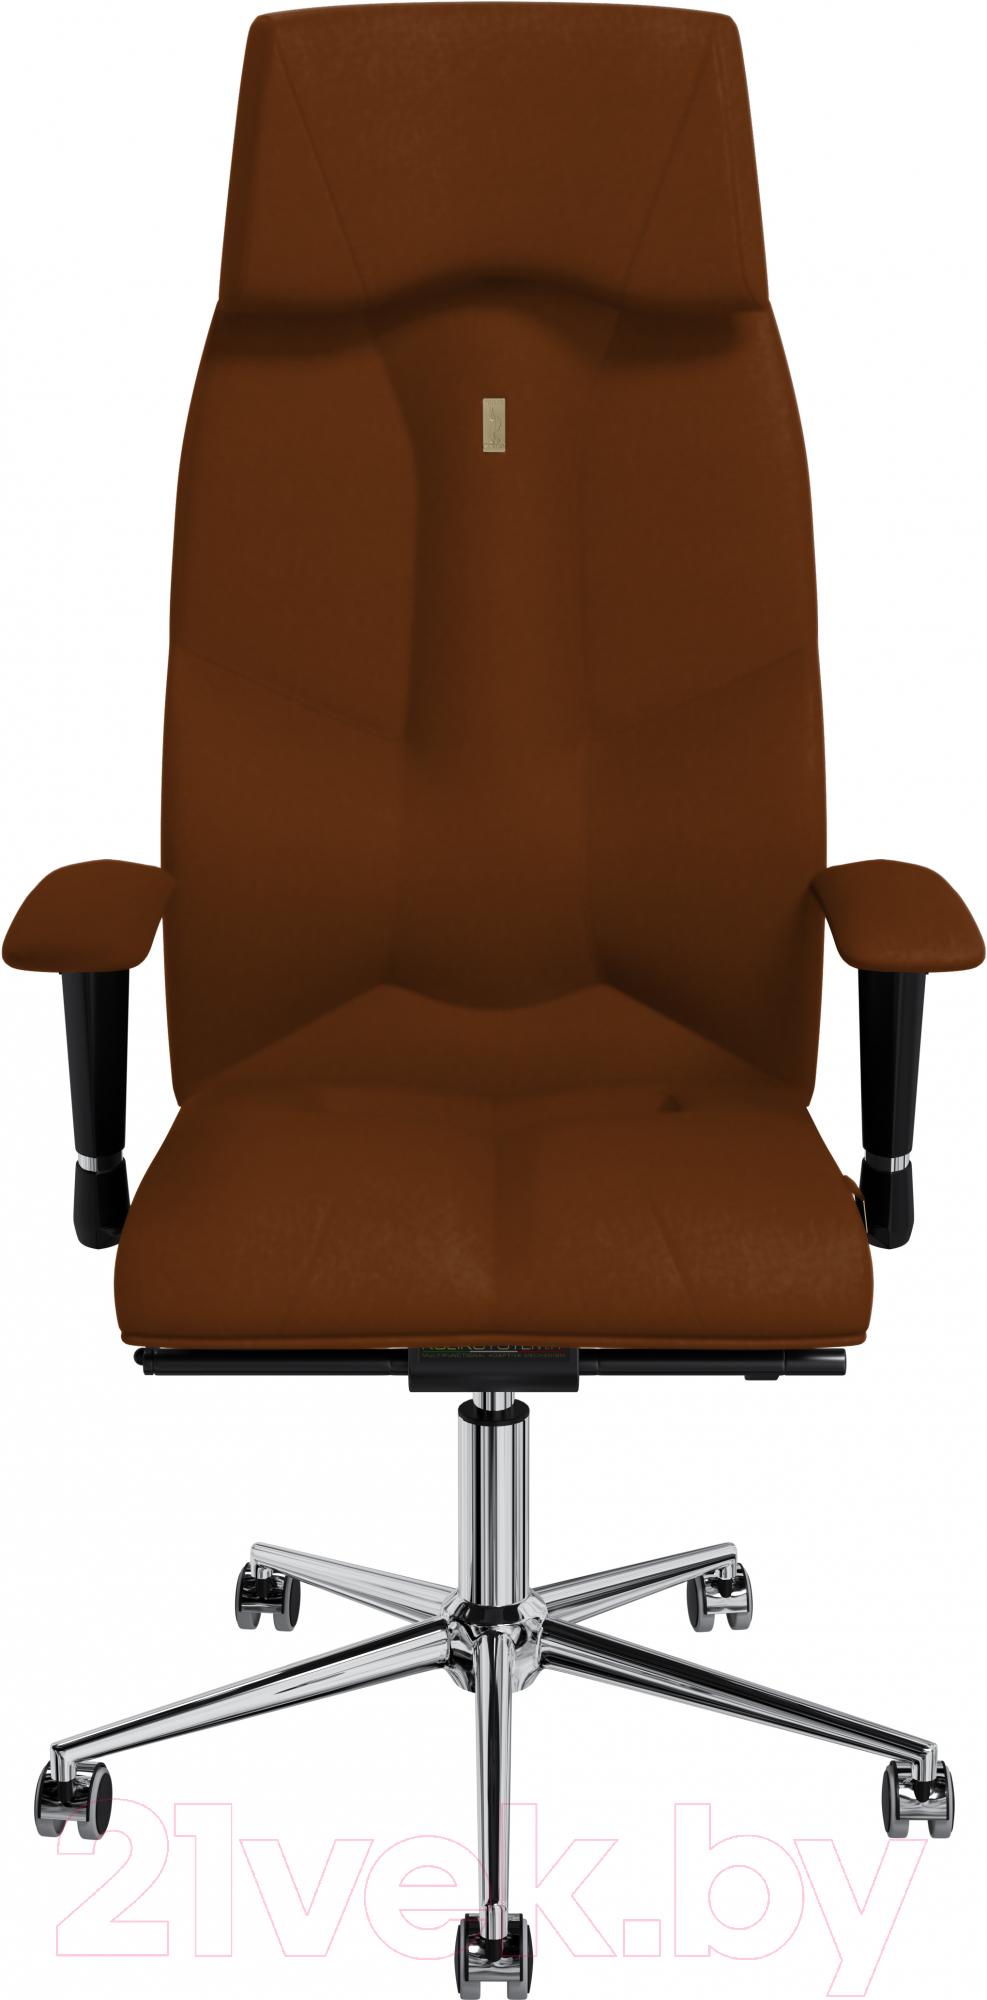 Купить Кресло офисное Kulik System, Business экокожа (коричневый с подголовником), Украина, Business (Kulik System)